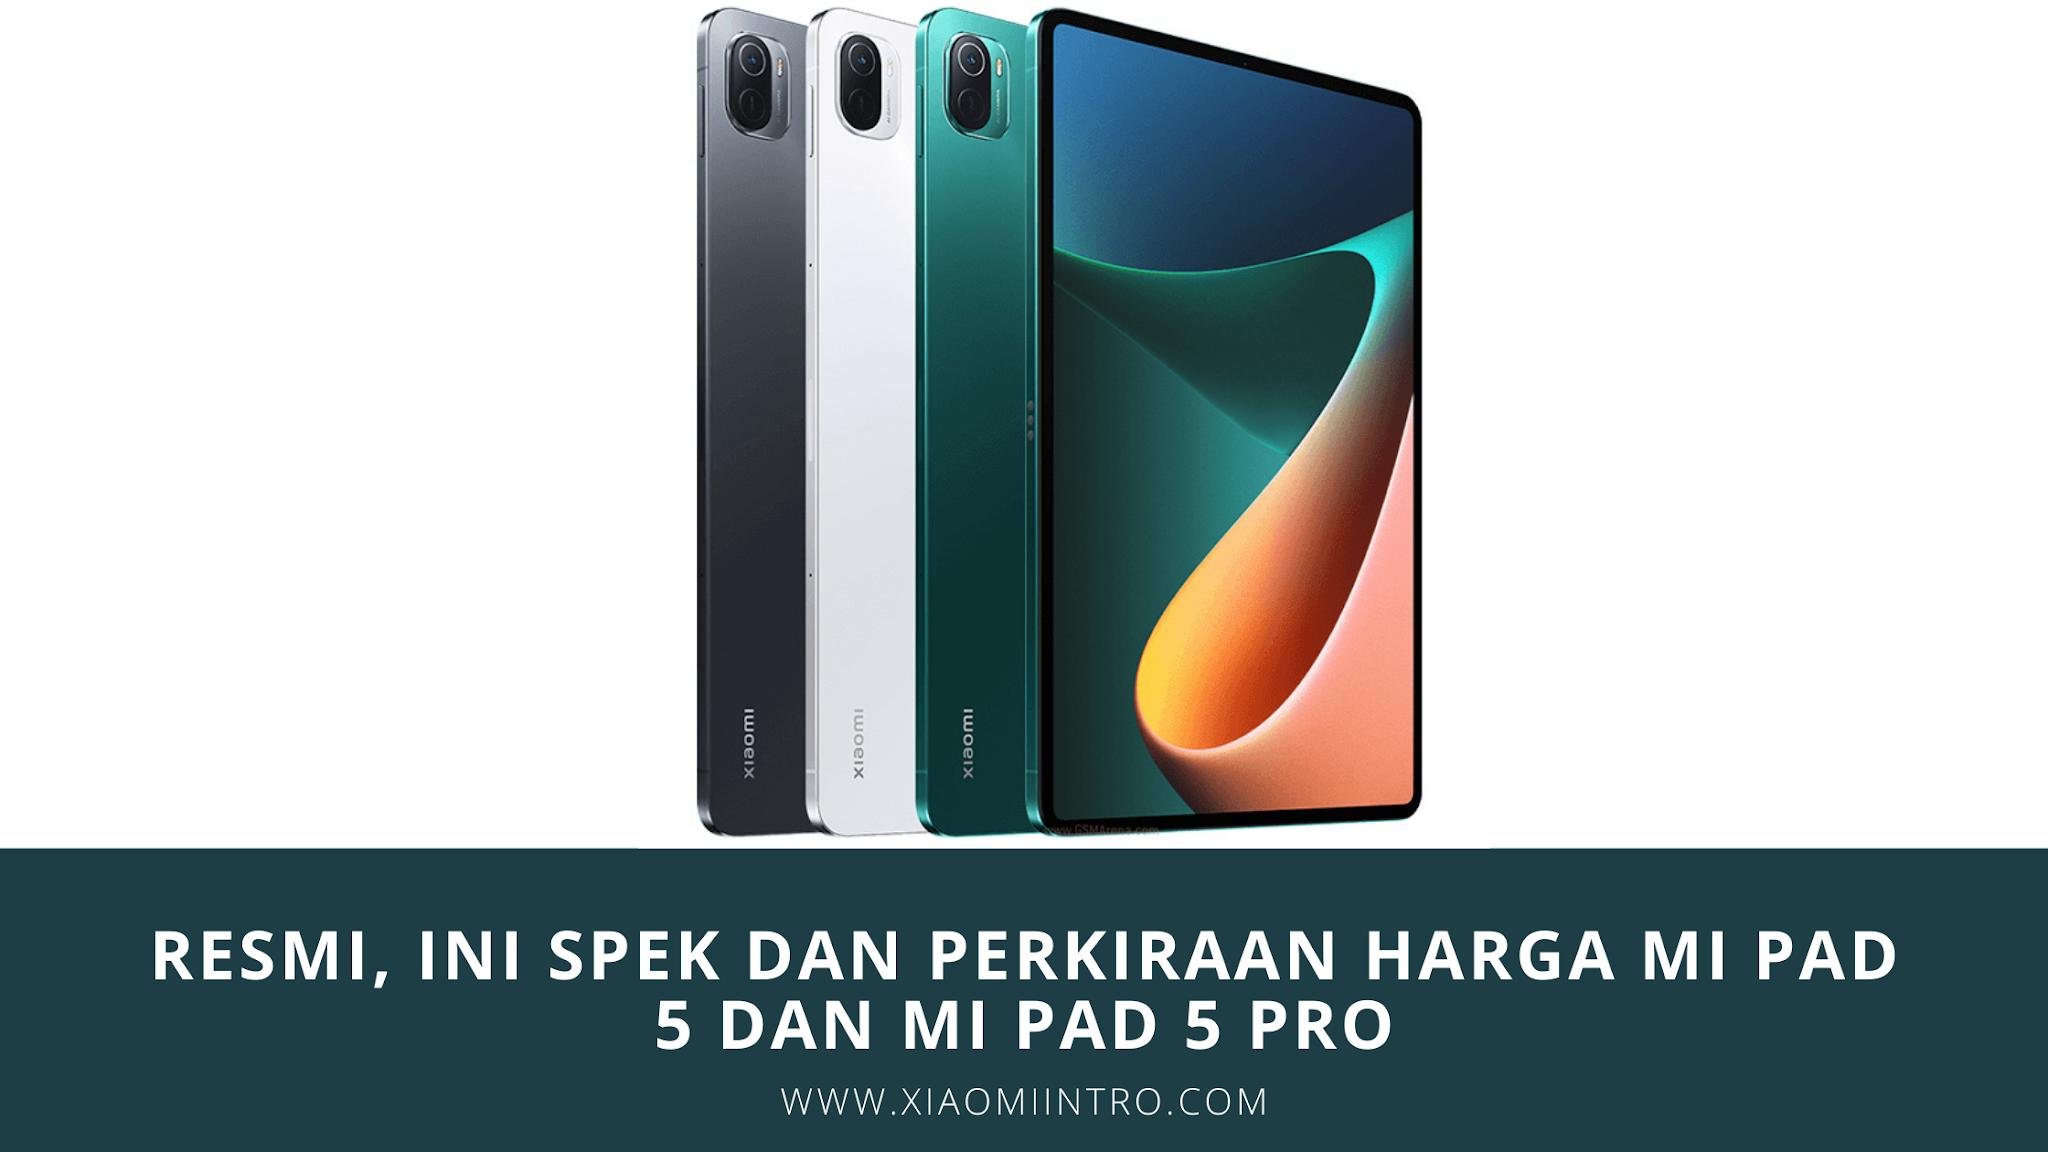 Spek Dan Perkiraan Harga Mi Pad 5 Dan Mi Pad 5 Pro